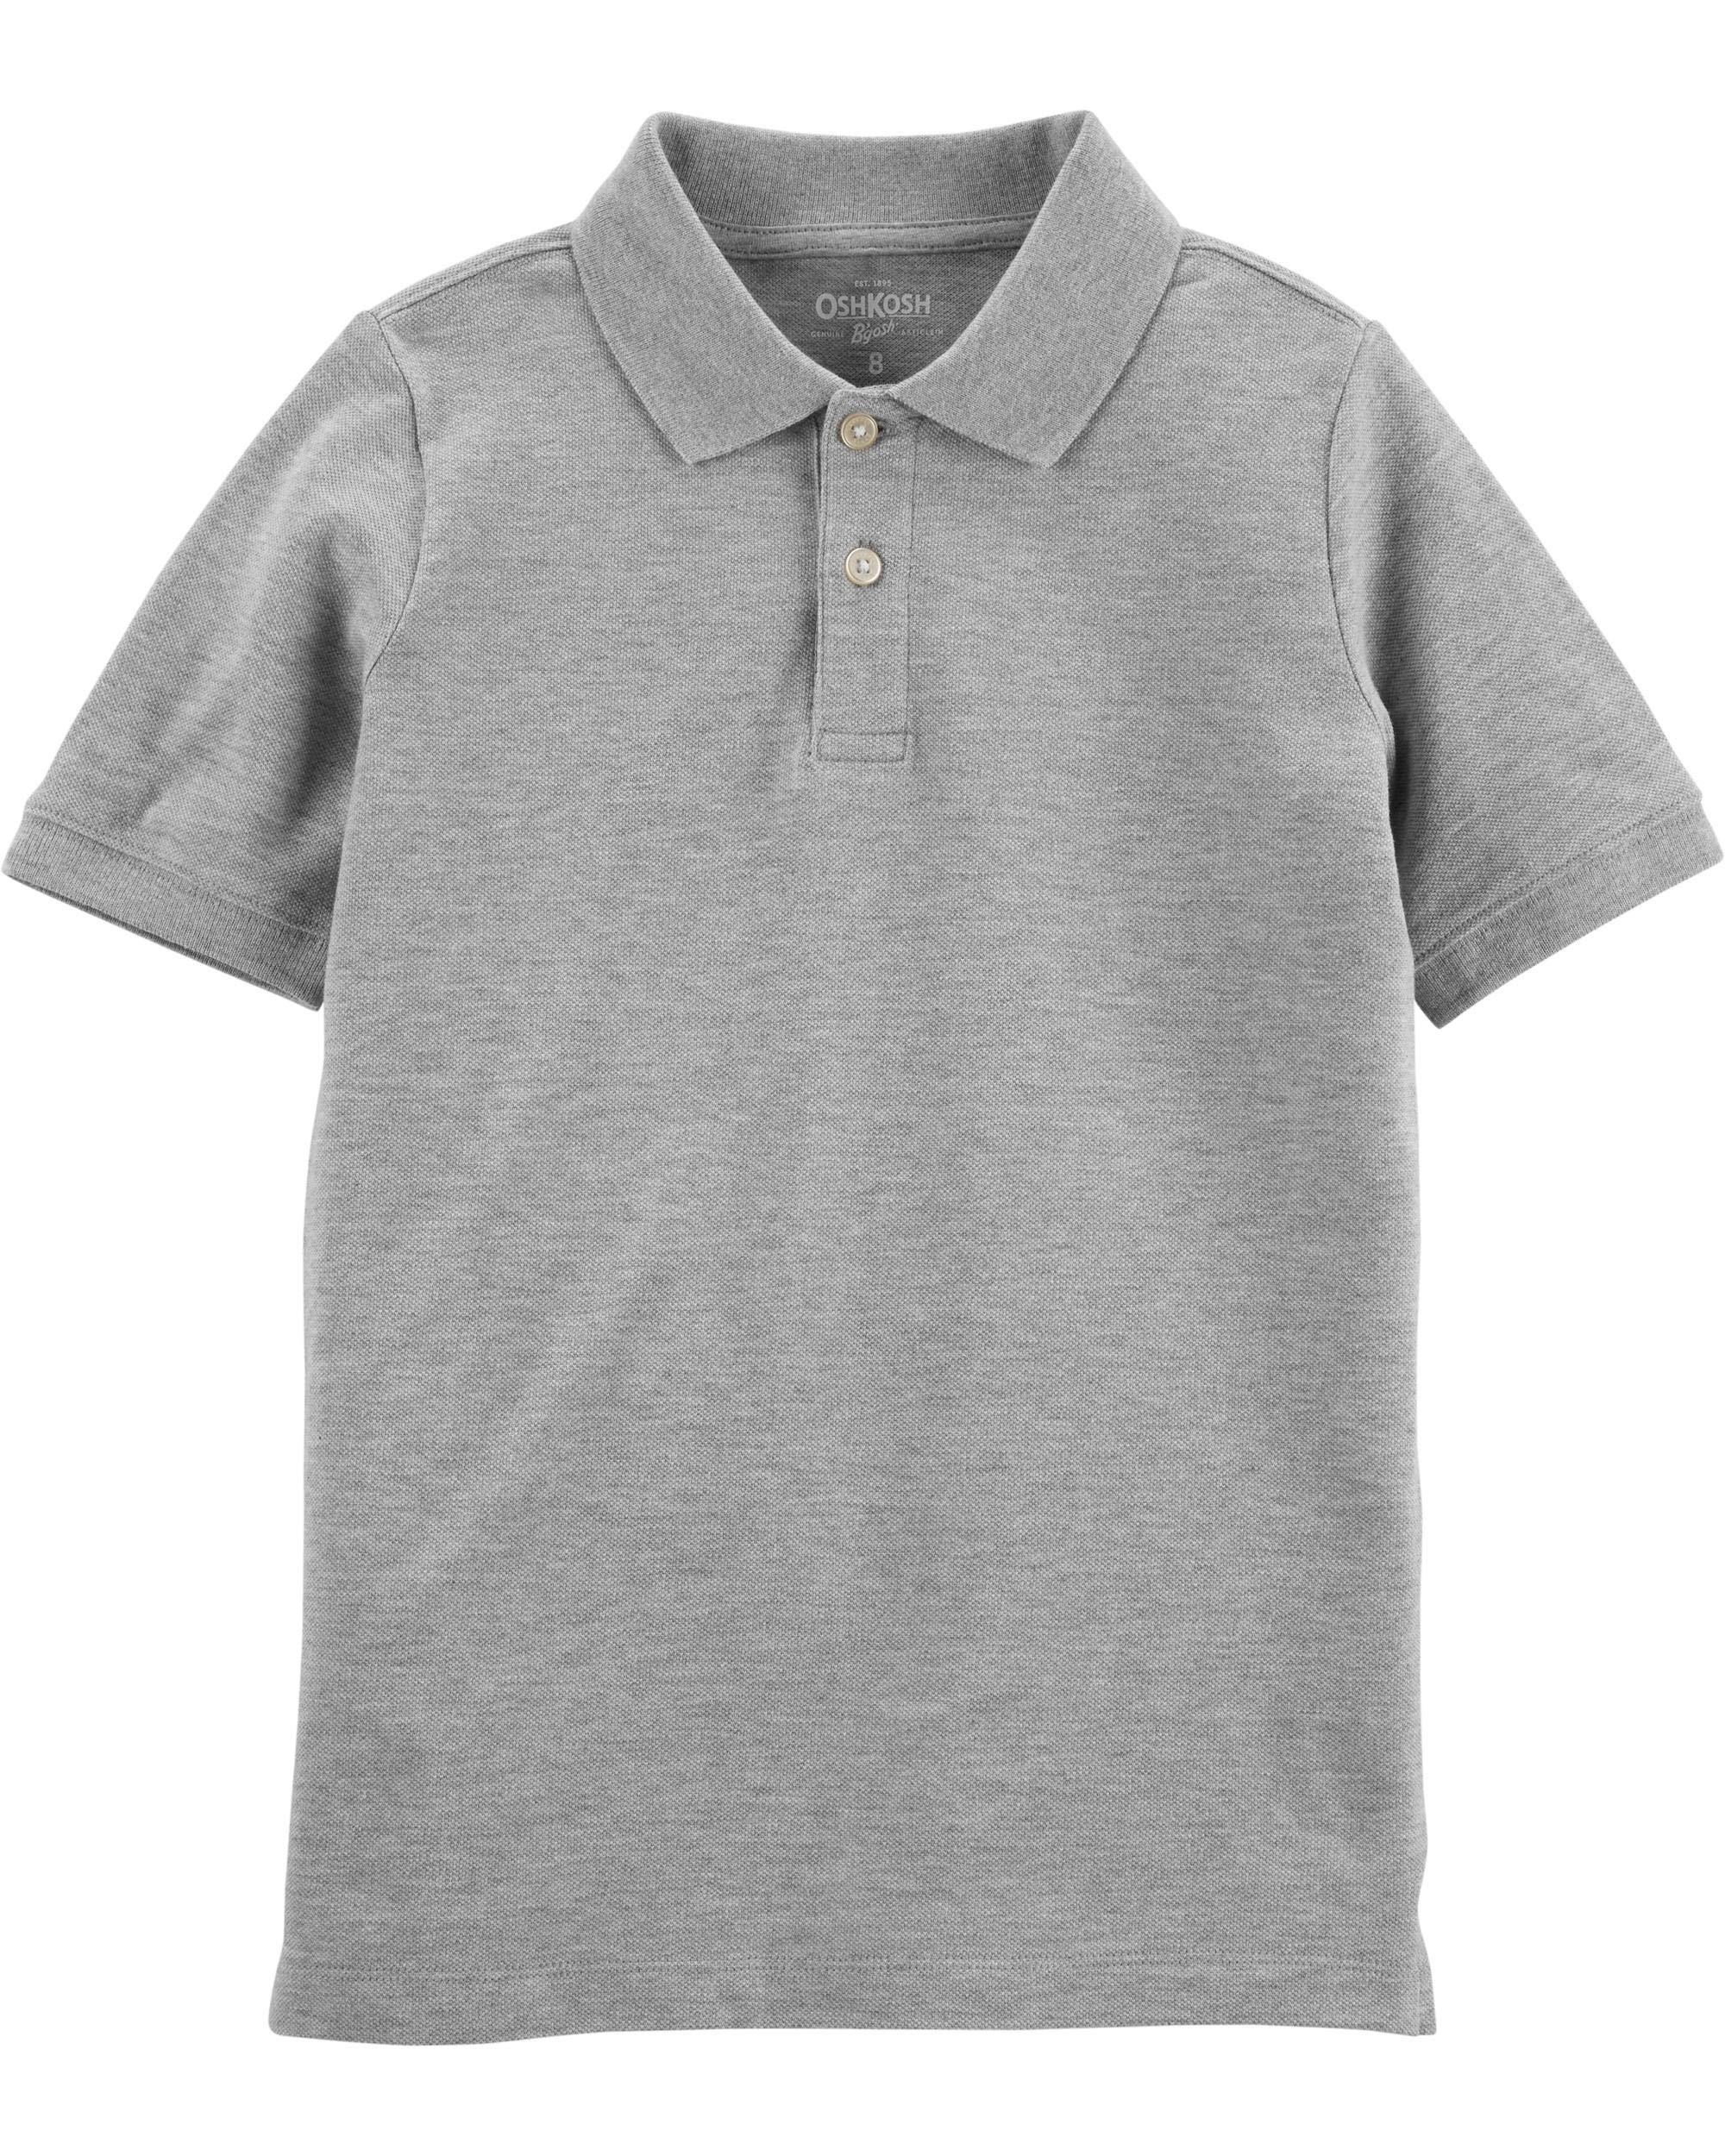 Osh Kosh Boys' Little Short-Sleeve Uniform Polo, Grey Heather, 4-5 by OshKosh B'Gosh